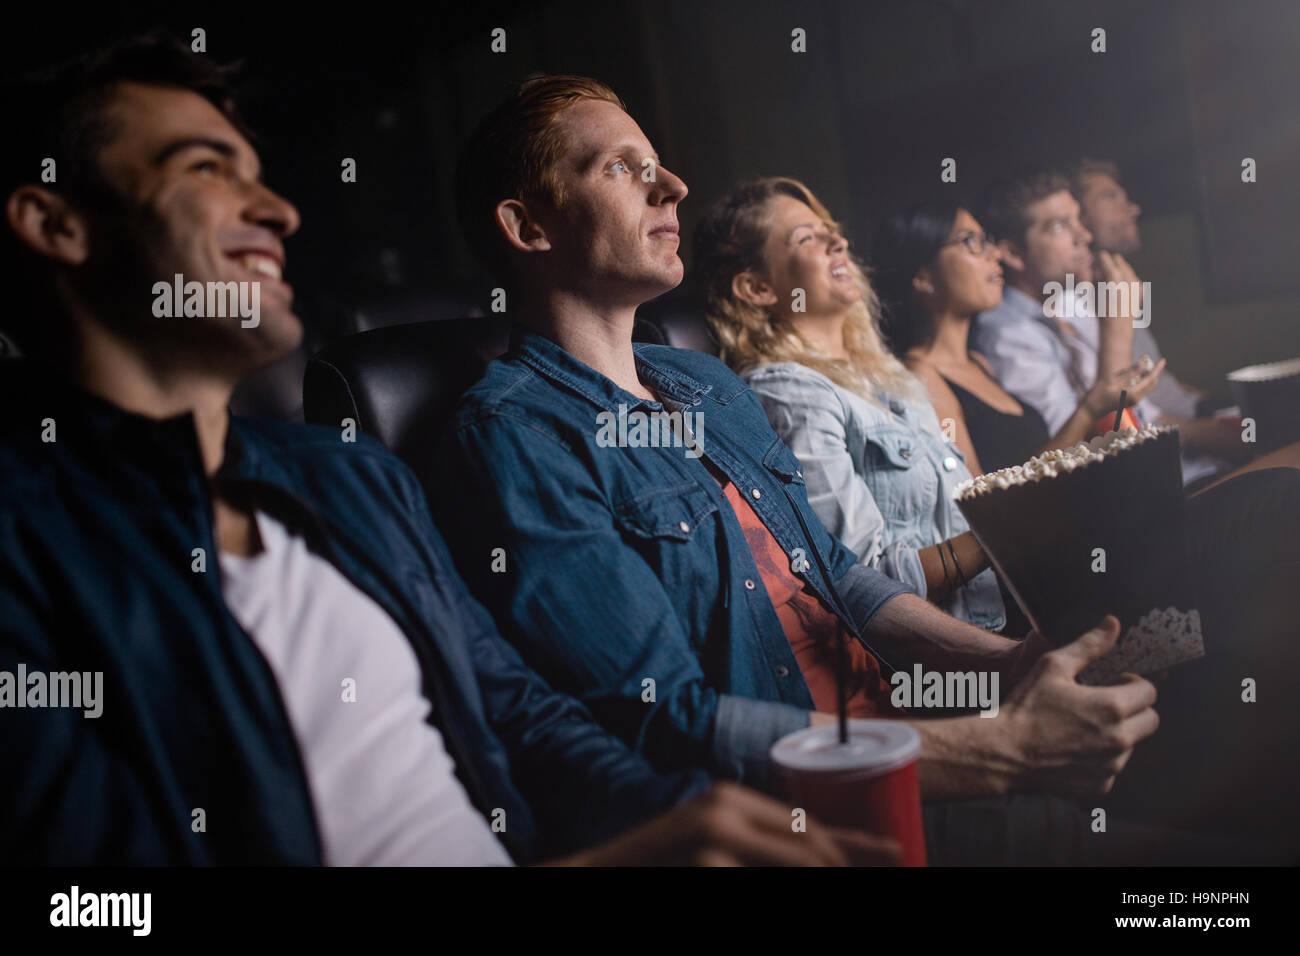 Gruppe von Personen in Theater, Film. Junger Mann mit Freunden im Kino. Stockbild